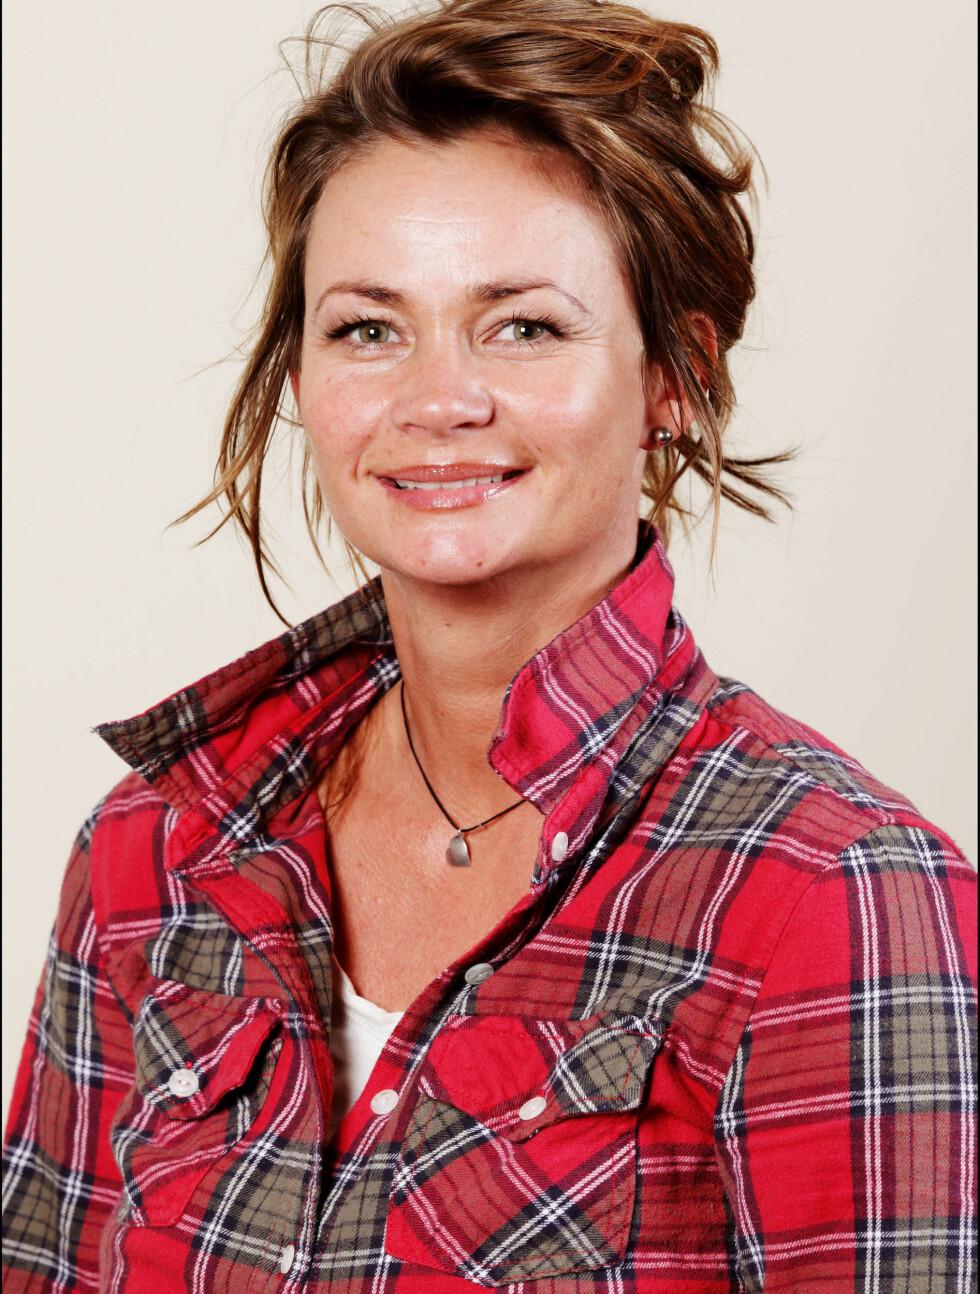 Navn: Elisabeth Nielsen Sted: Trondheim Alder: 38 Yrke: Prosjektkoordinator Sivilstatus: Singel, to barn Personlig eiendel: Lypsyl Foto: TV3